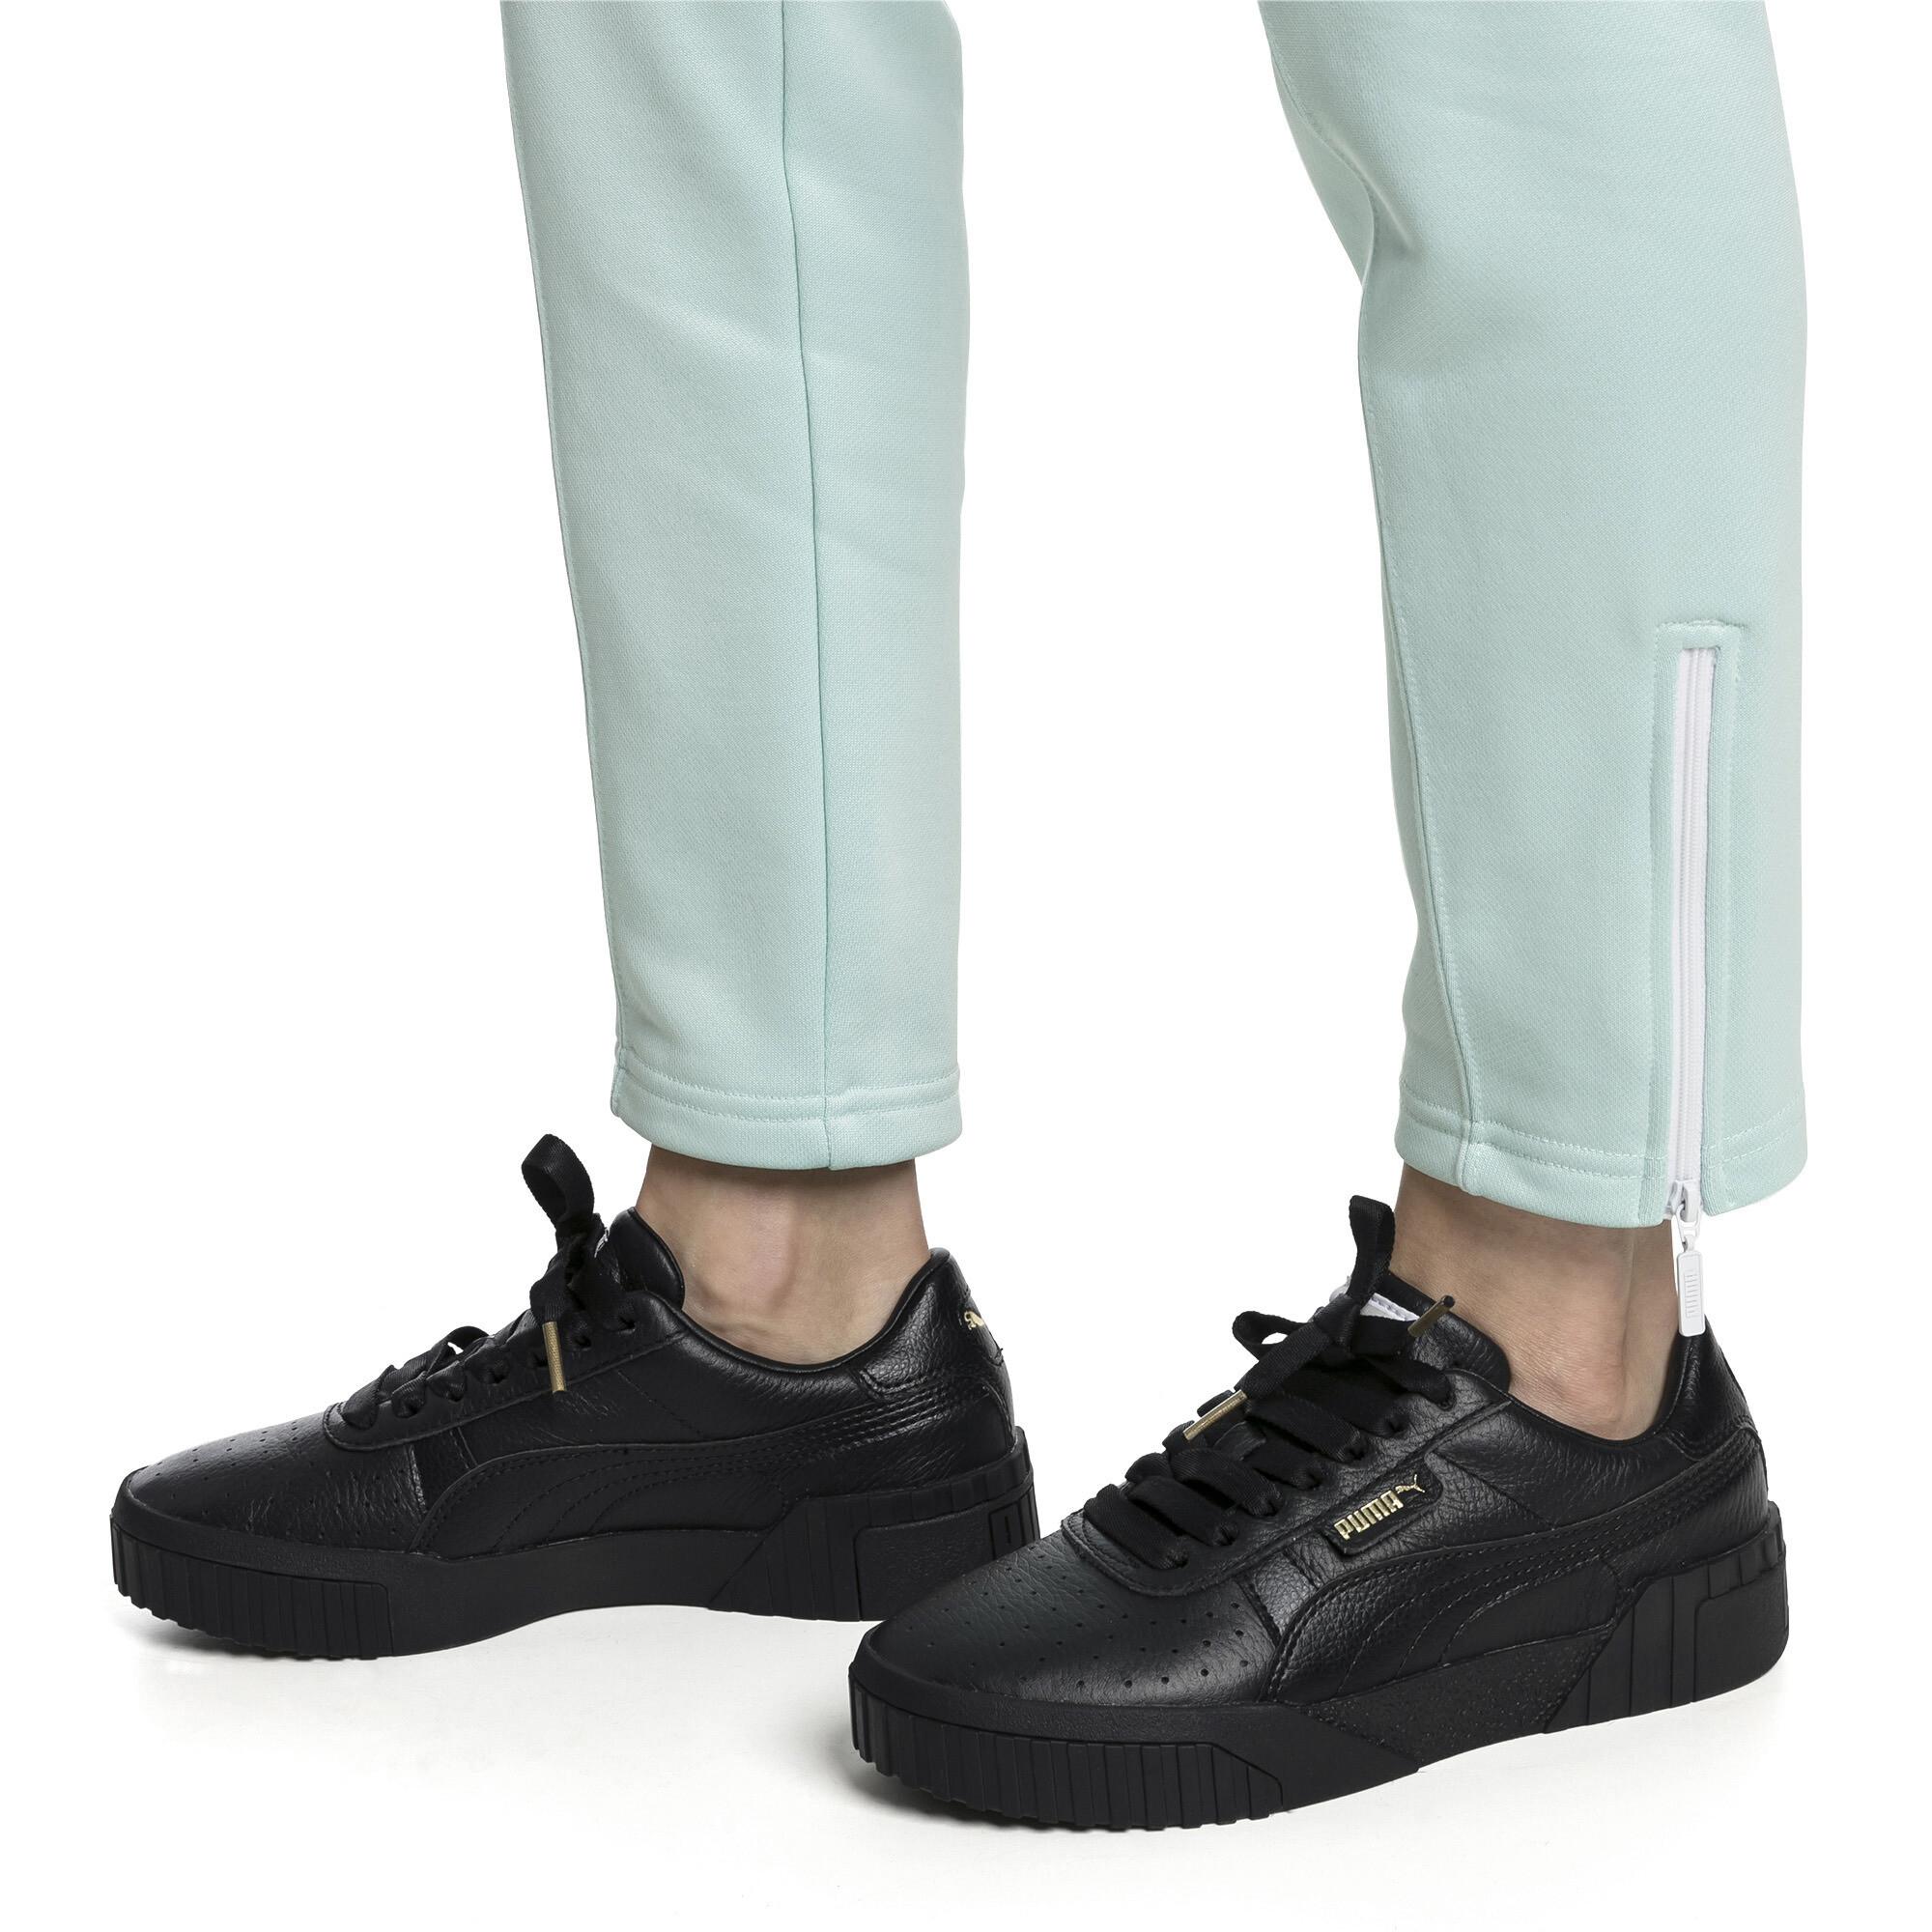 Zapatillas Cali para mujer